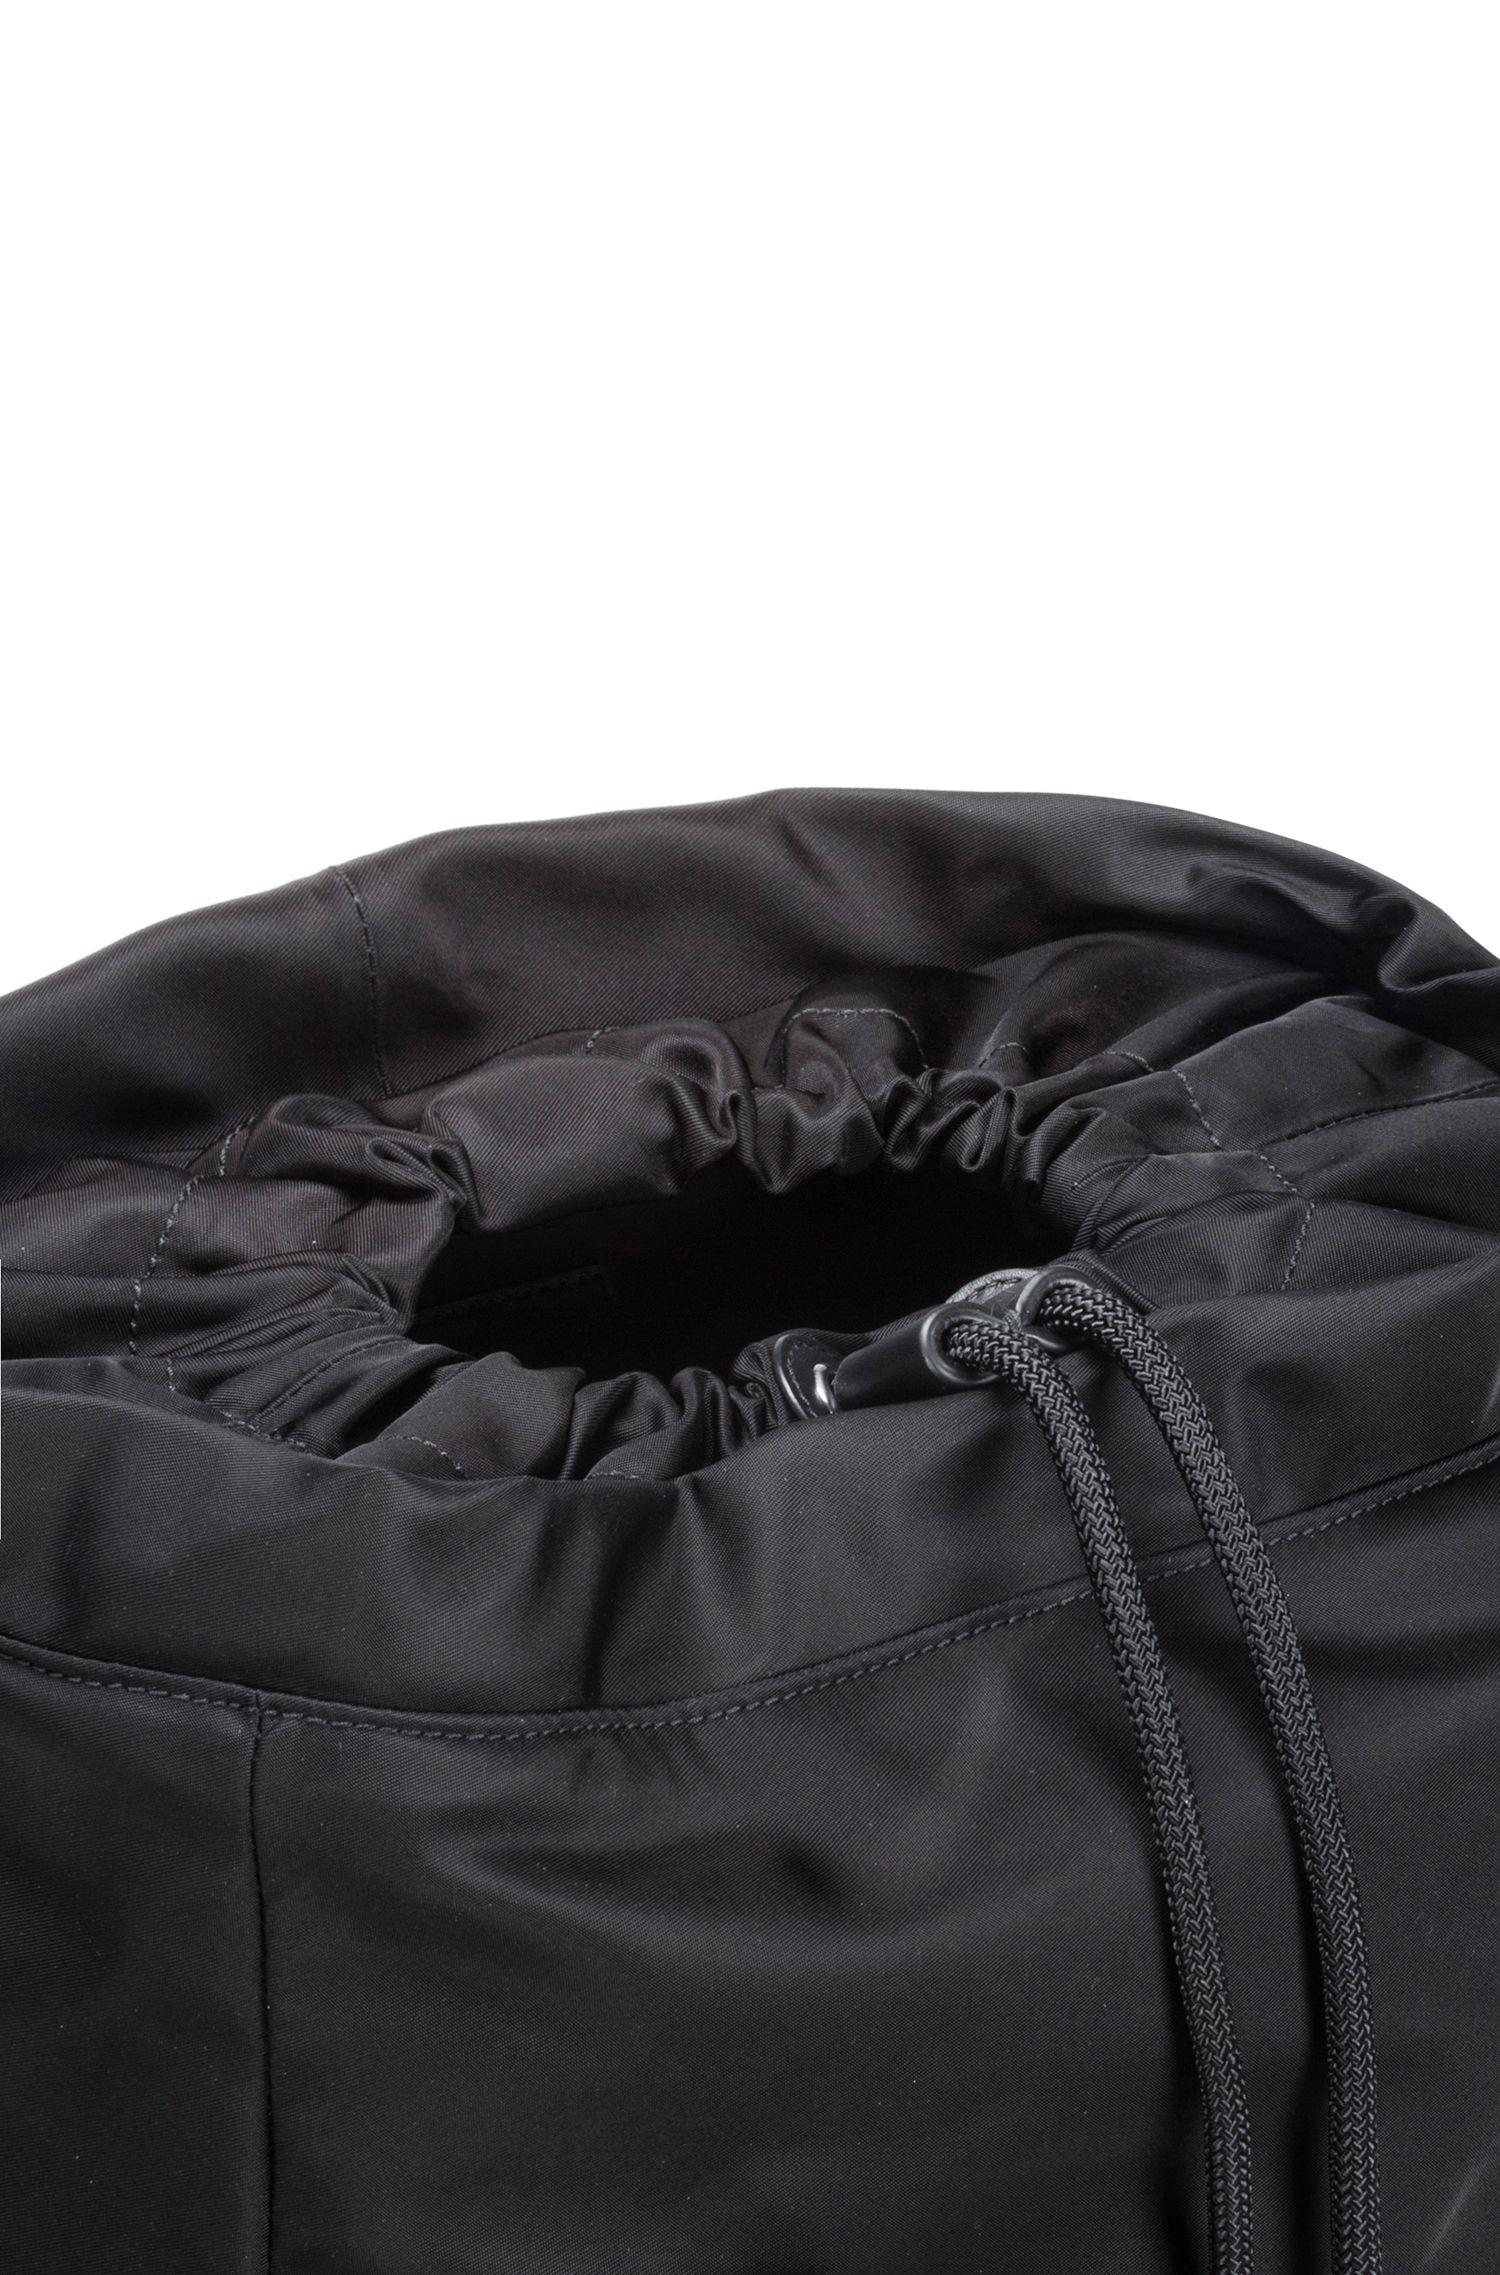 Zaino in gabardine di tessuto tecnico con guarnizioni in pelle, Nero